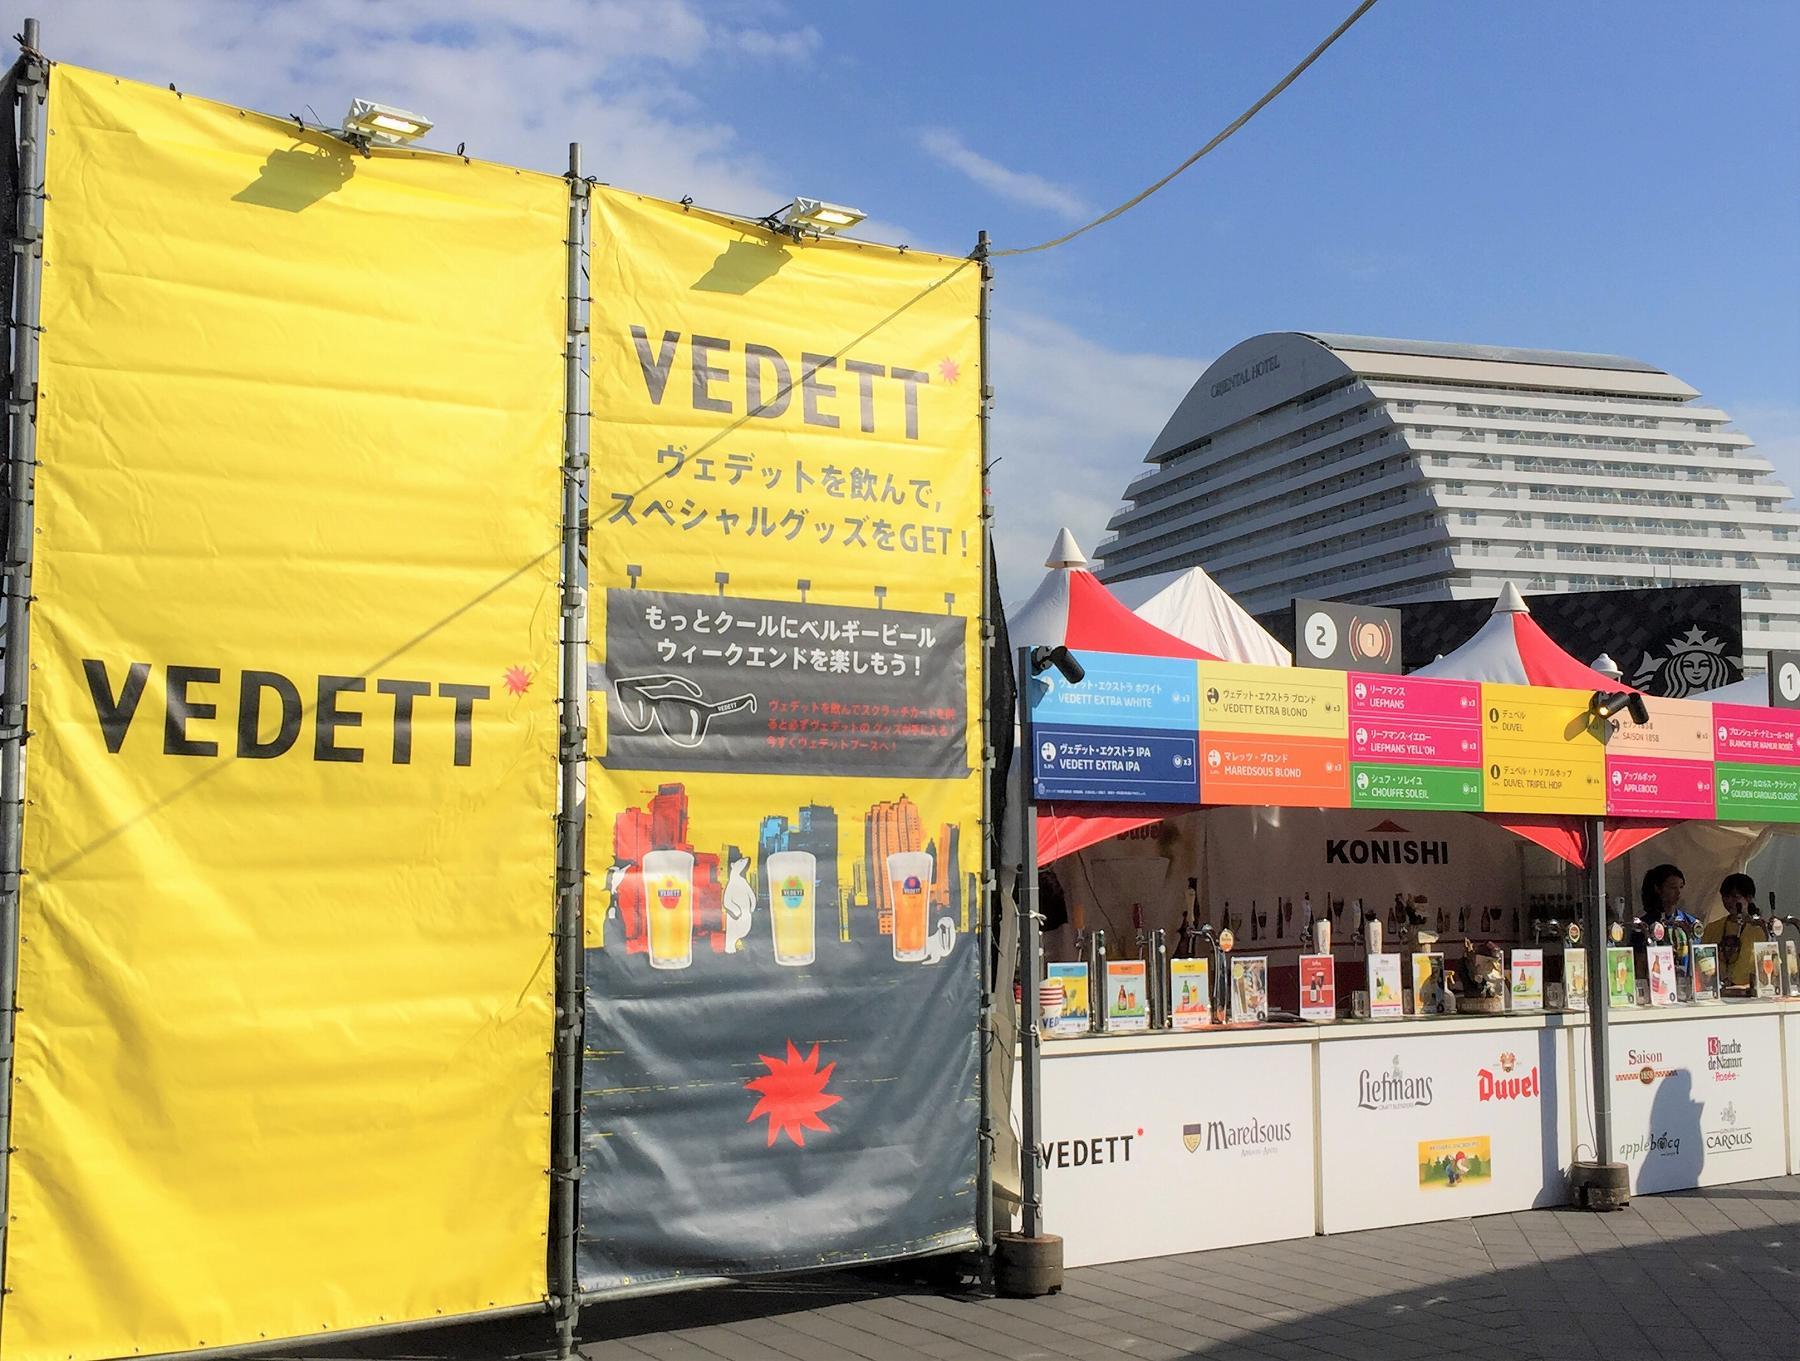 神戸・メリケンパークで8/29~9/2まで「ベルギービールウィークエンド2018神戸」が開催されるよ! #ベルギービールウィークエンド #メリケンパーク #神戸イベント